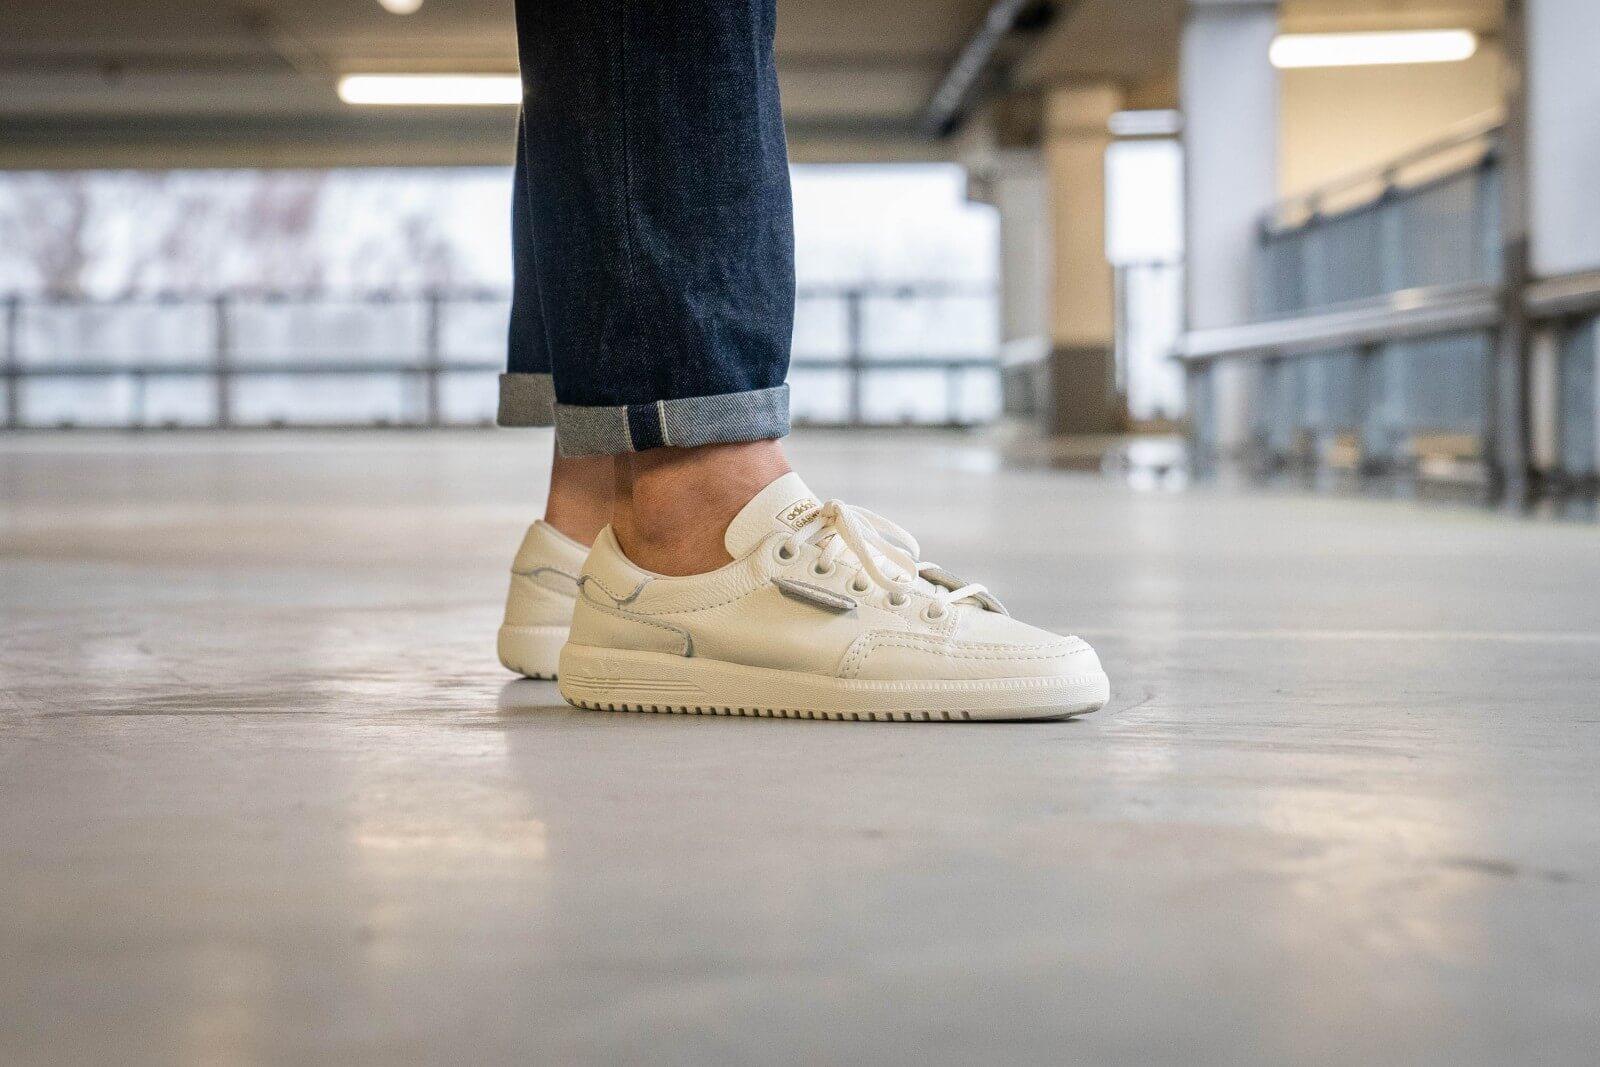 adidas garwen white off 65% - www